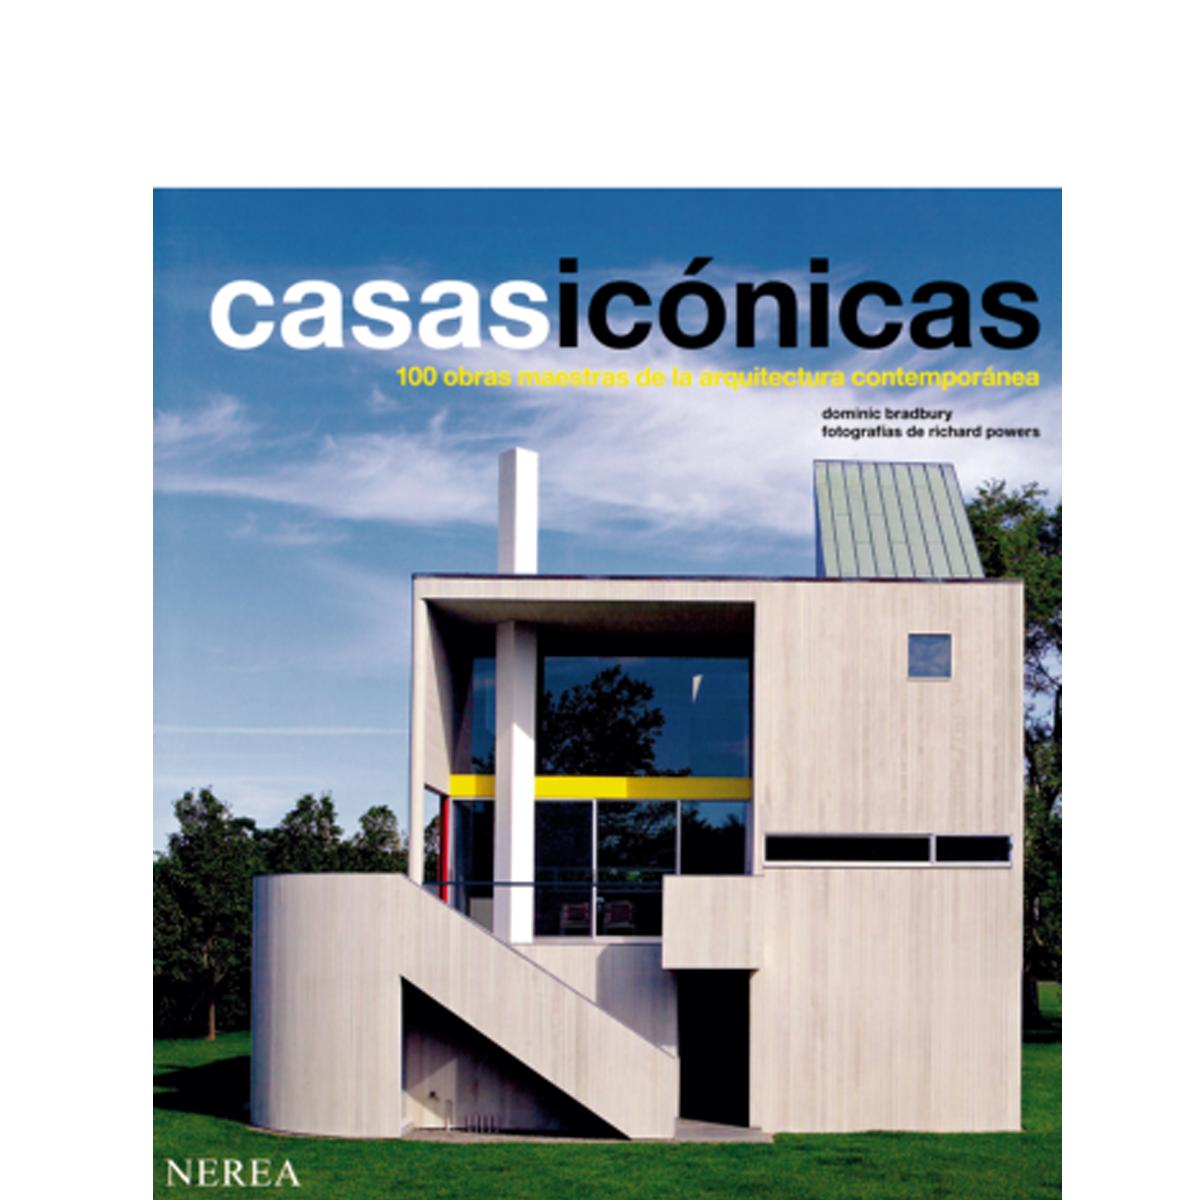 Casas icónicas